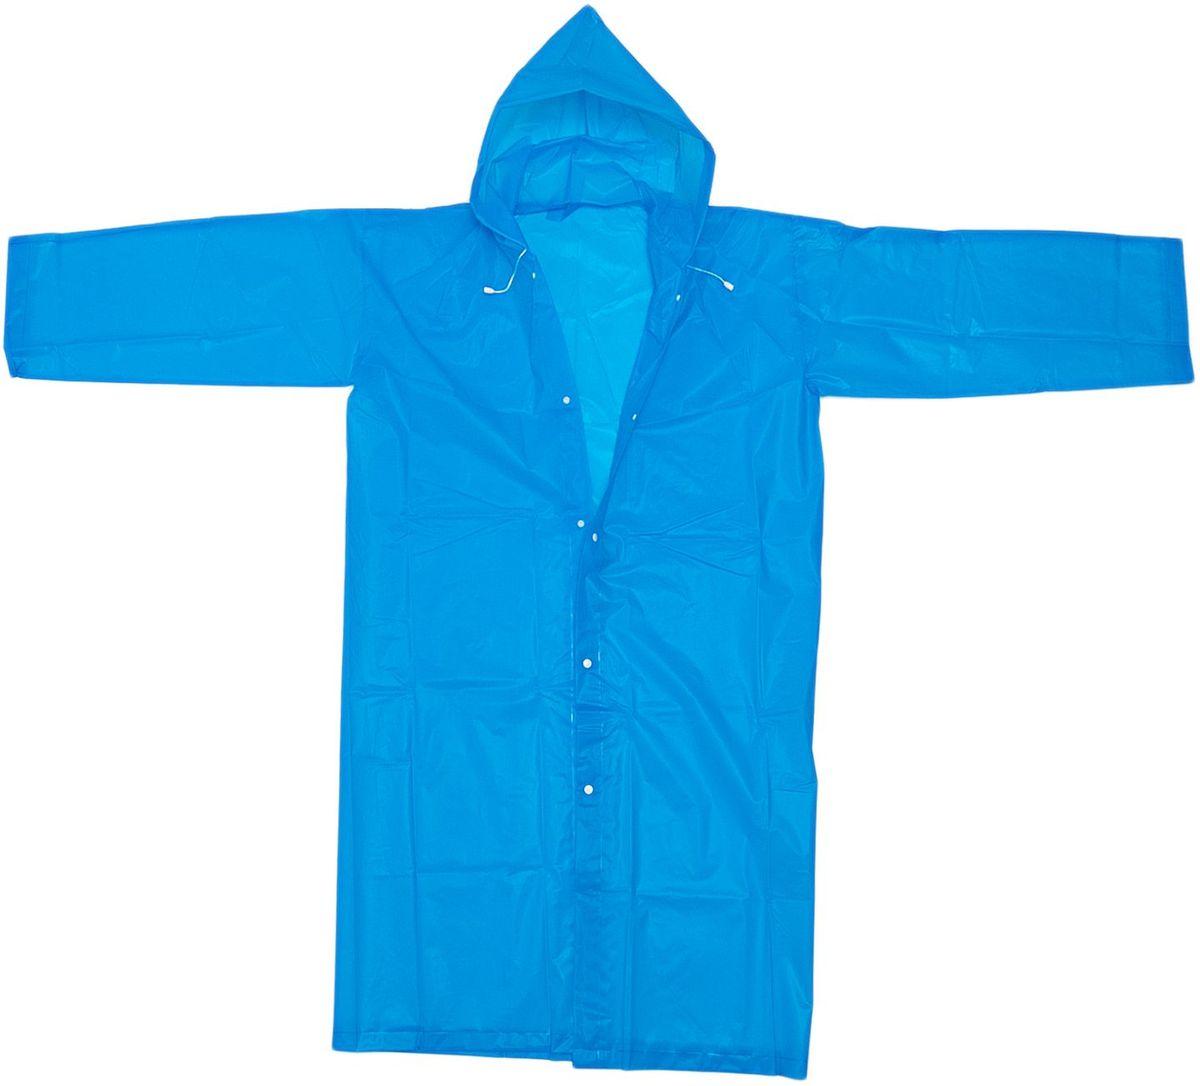 Плащ-дождевик Homsu, цвет: голубой, 115 х 126 смR-112Дождевик из прочного водонепроницаемого материала с капюшоном, застегивается на кнопки. Свободный покрой позволяет надевать дождевик поверх рюкзака и объемной одежды, а яркая расцветка не даст скучать в дождливую погоду! Размер изделия: 115х126см